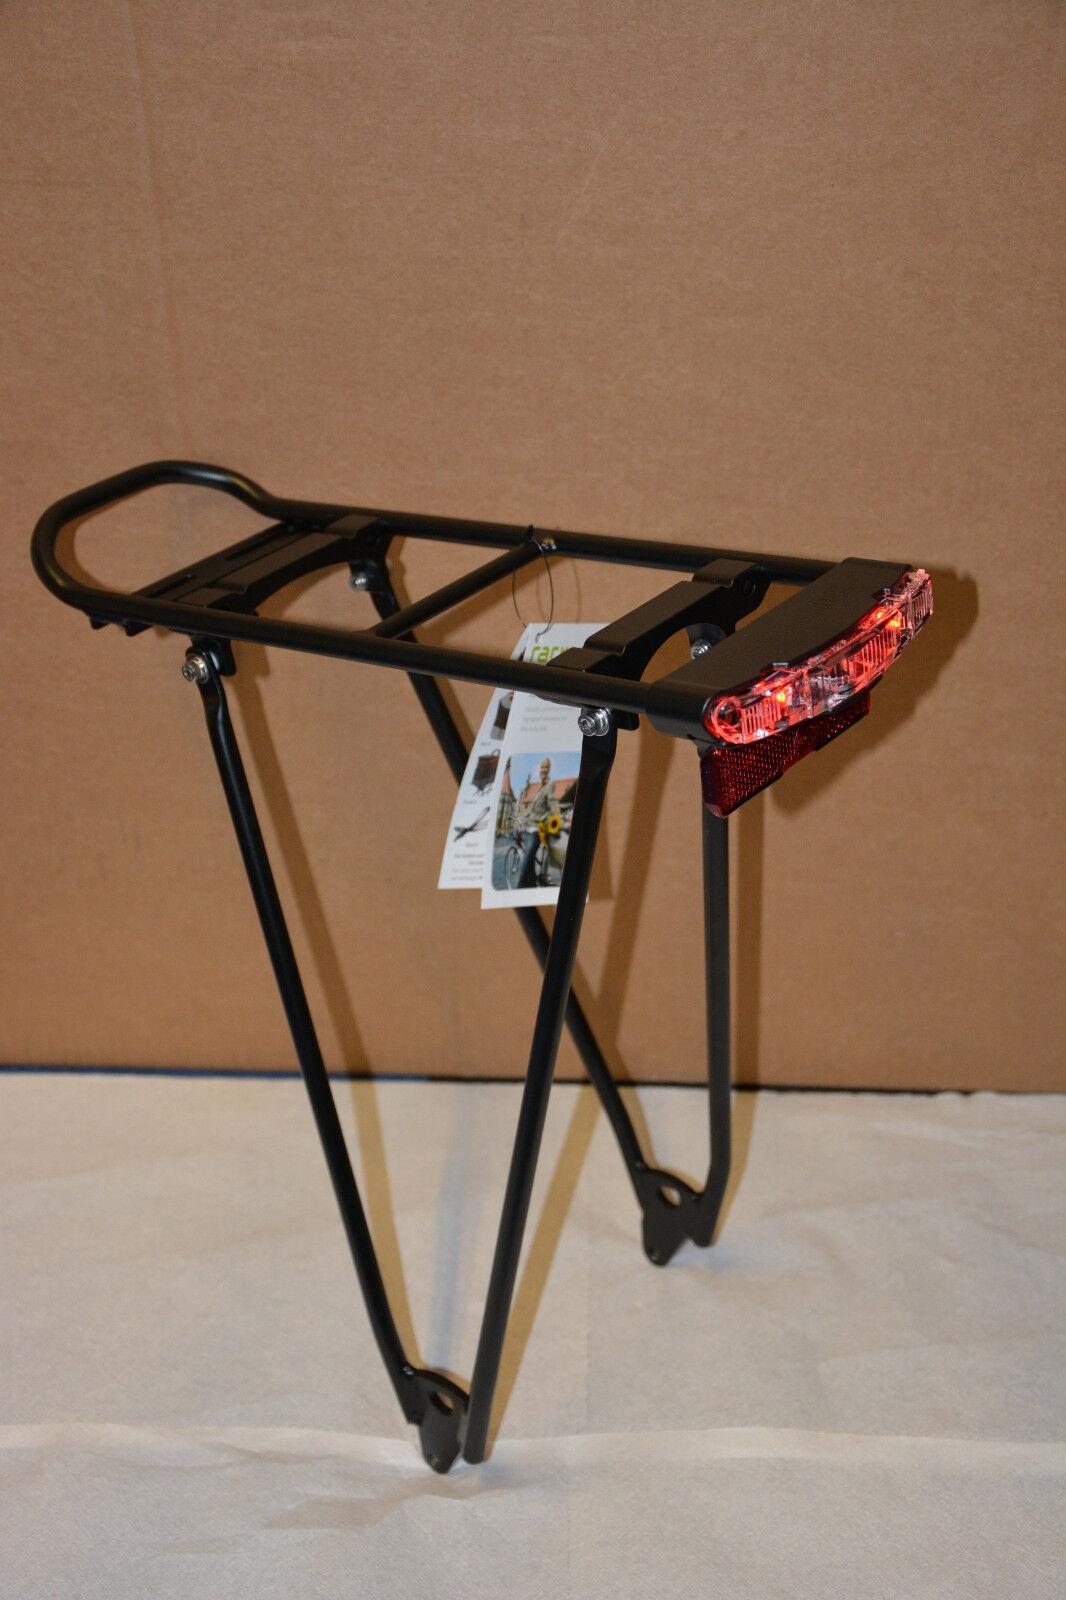 Racktime Fold-it fix shine mit Rücklicht Standlicht snap-it 28 28 28  schwarz Sondermo 3f5dd0